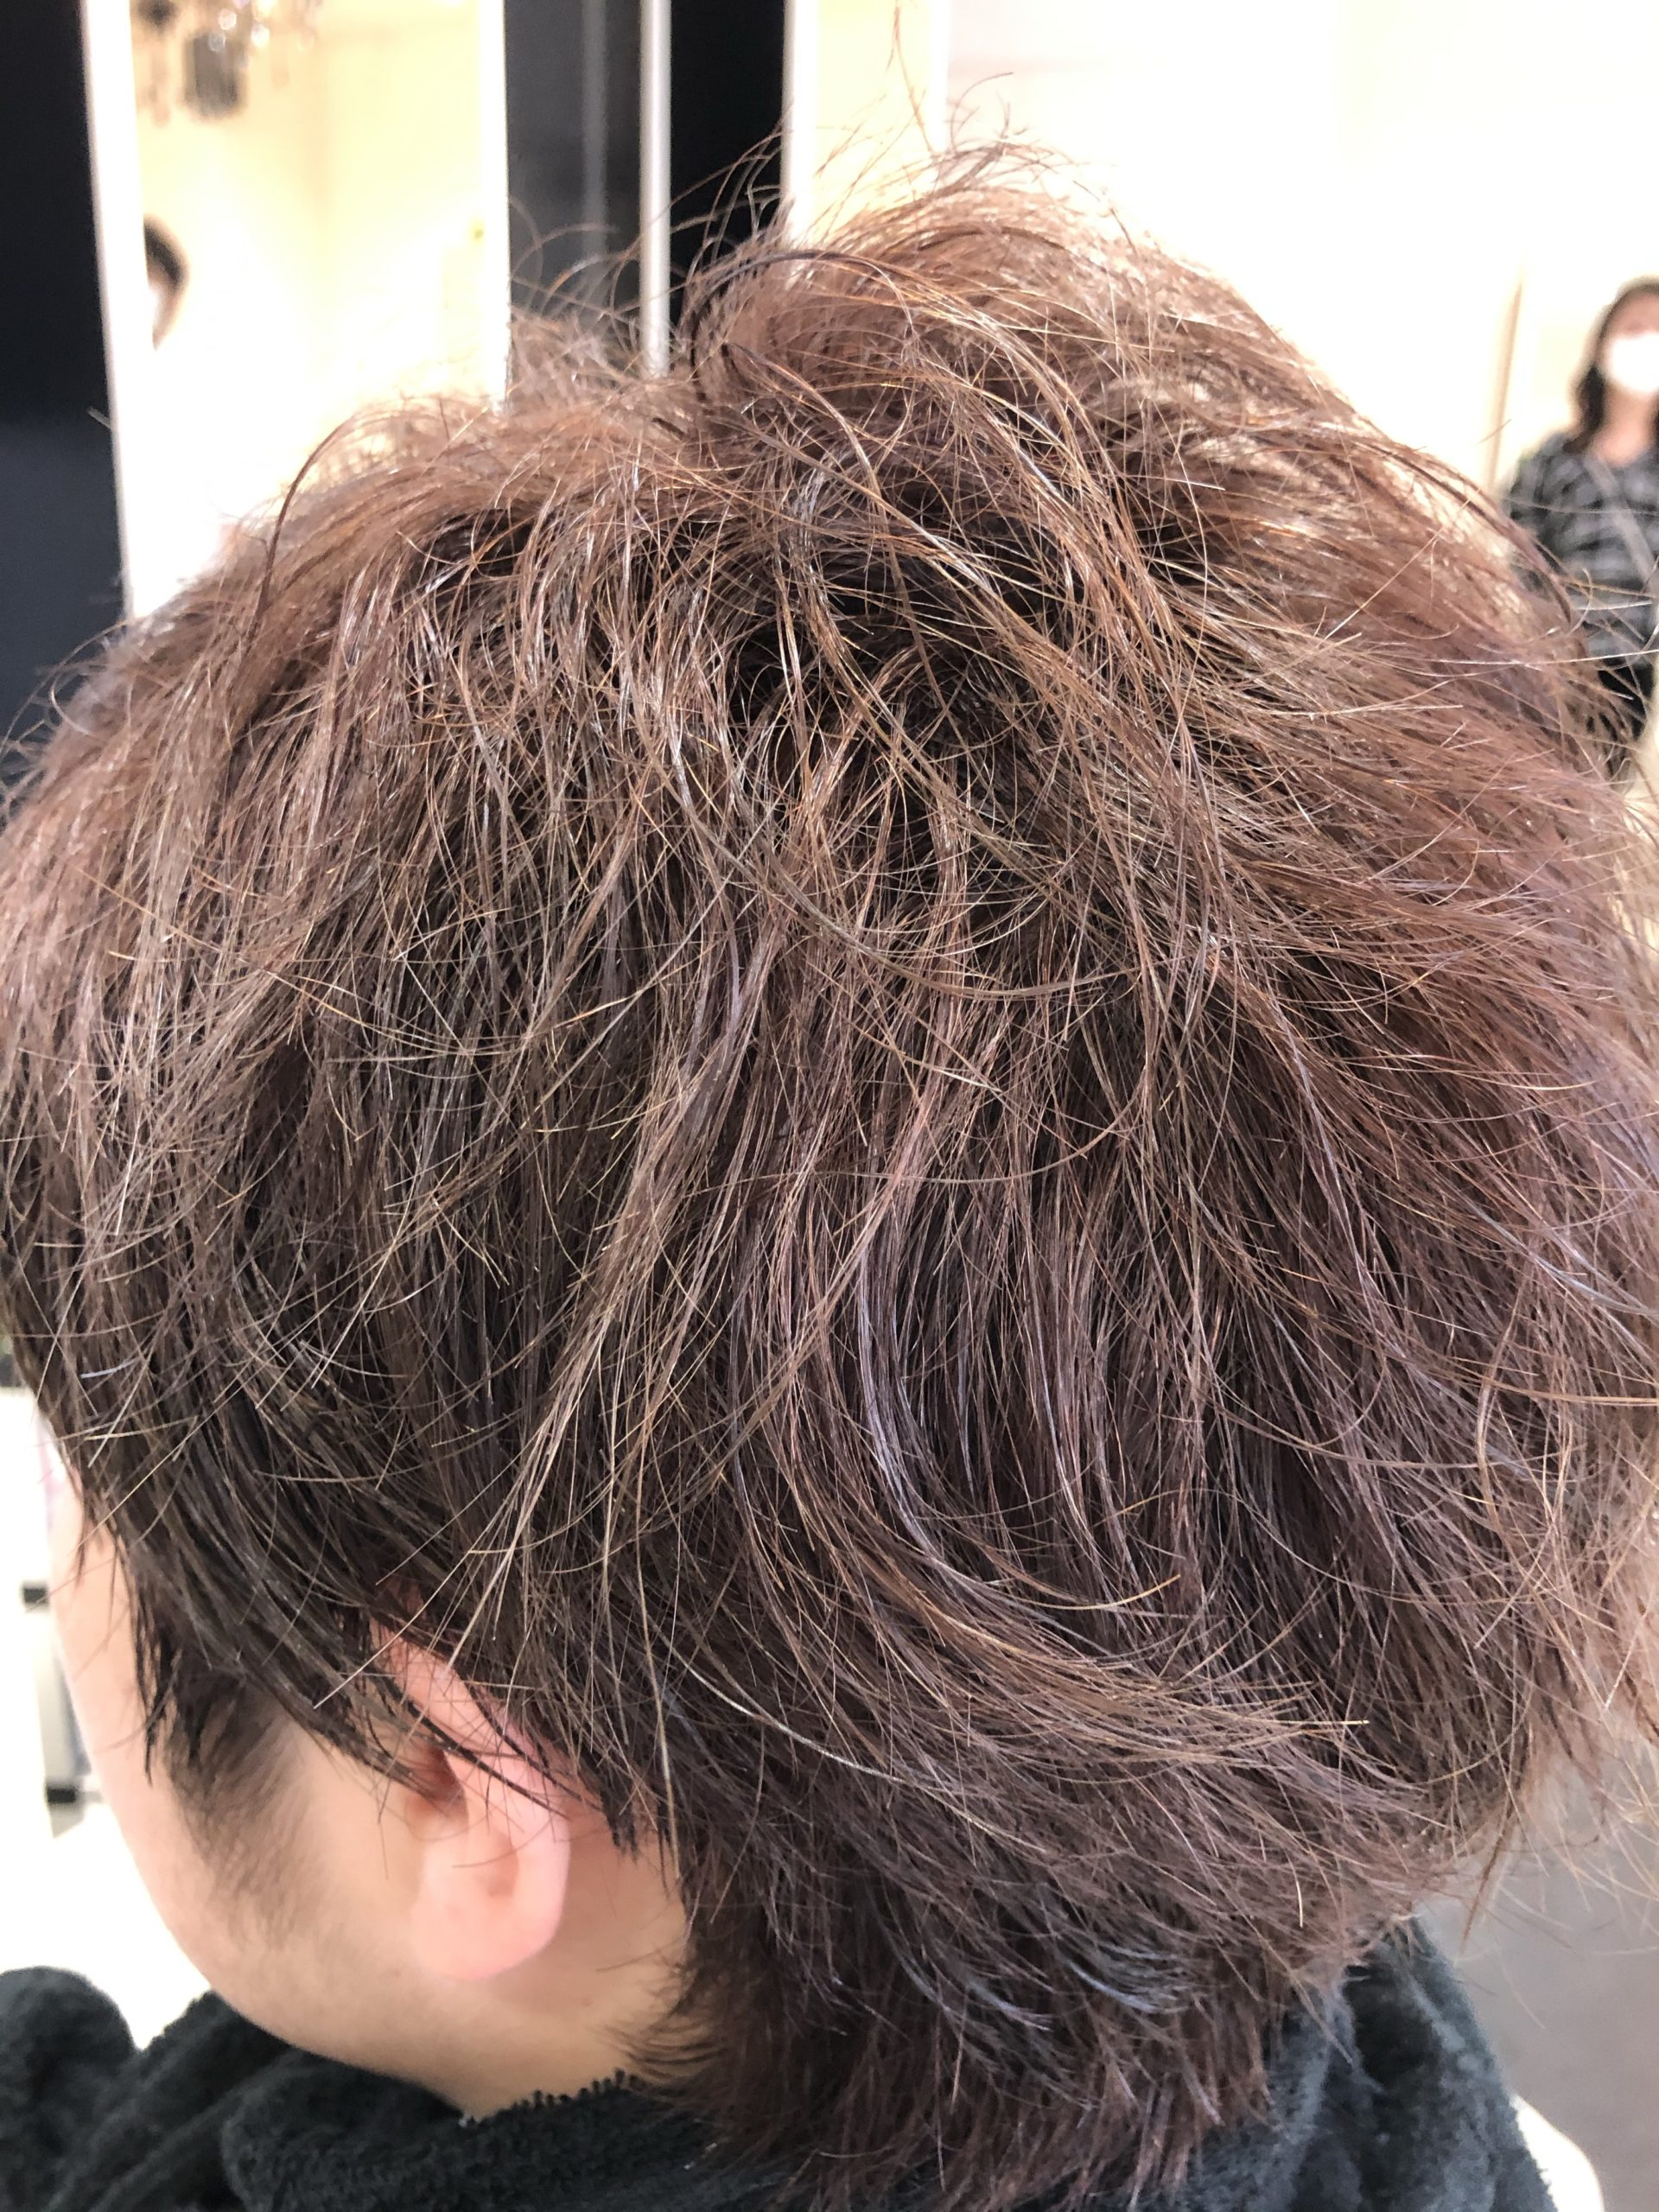 ブリーチ毛ショートスタイル縮毛矯正